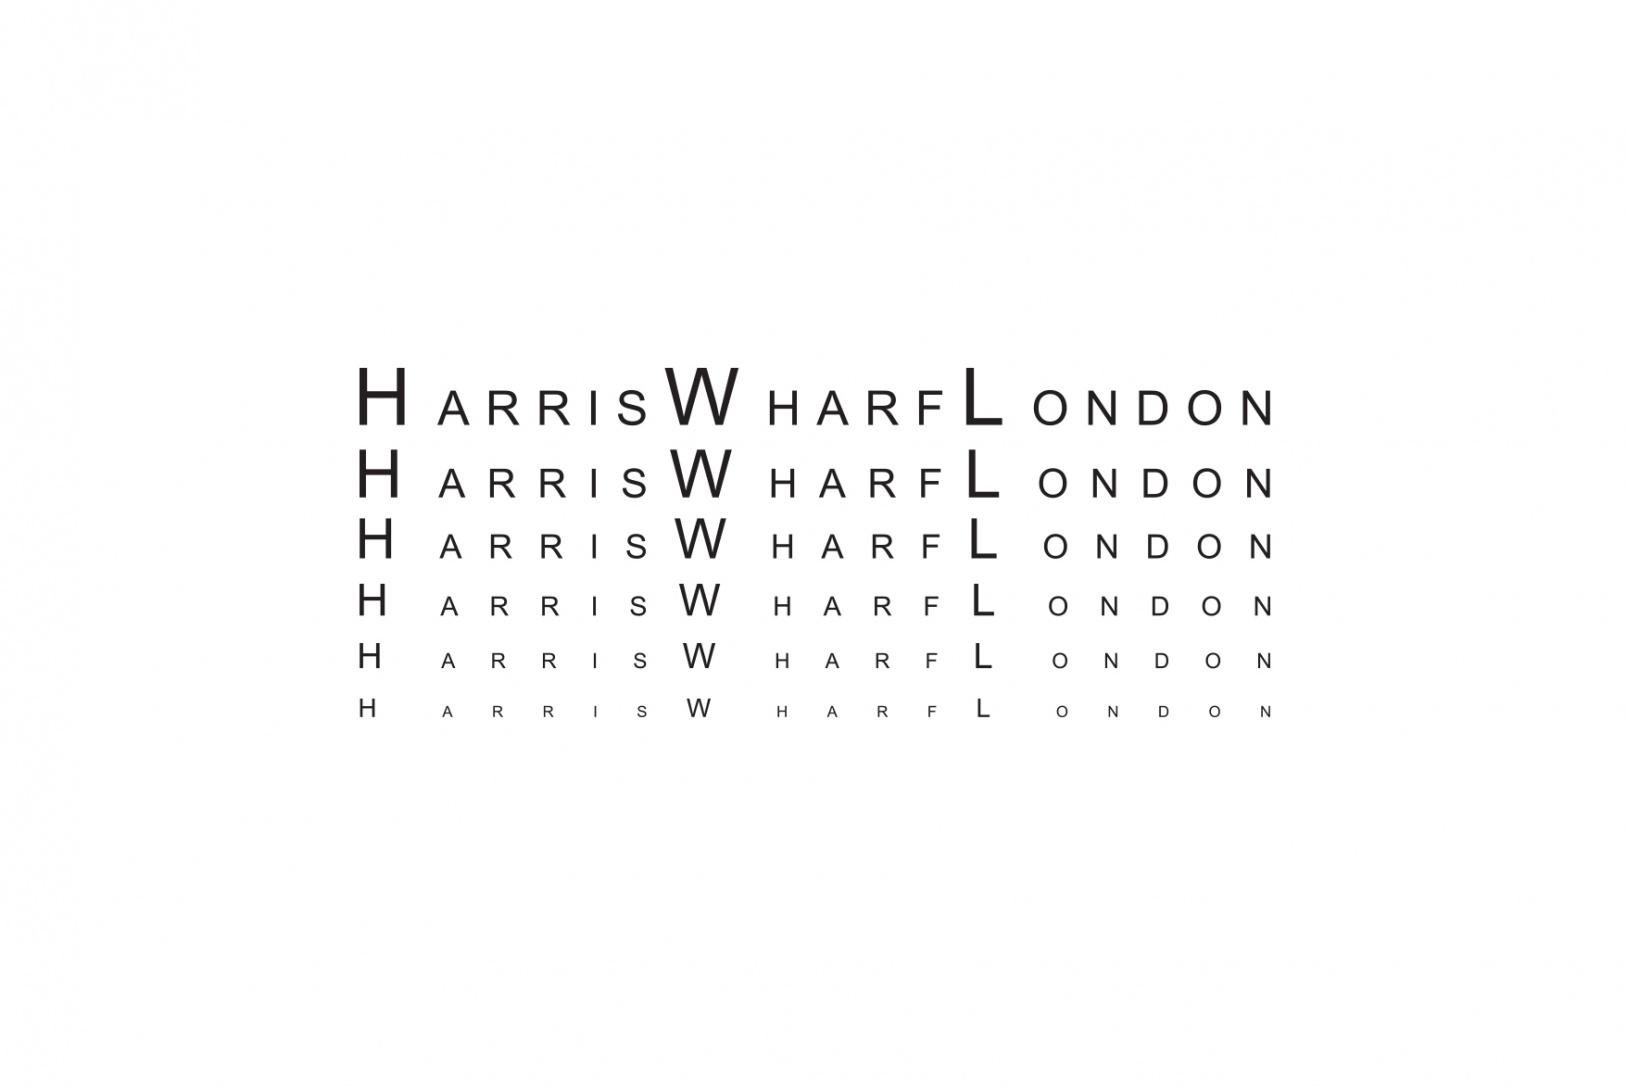 harriscopy_9791.jpg